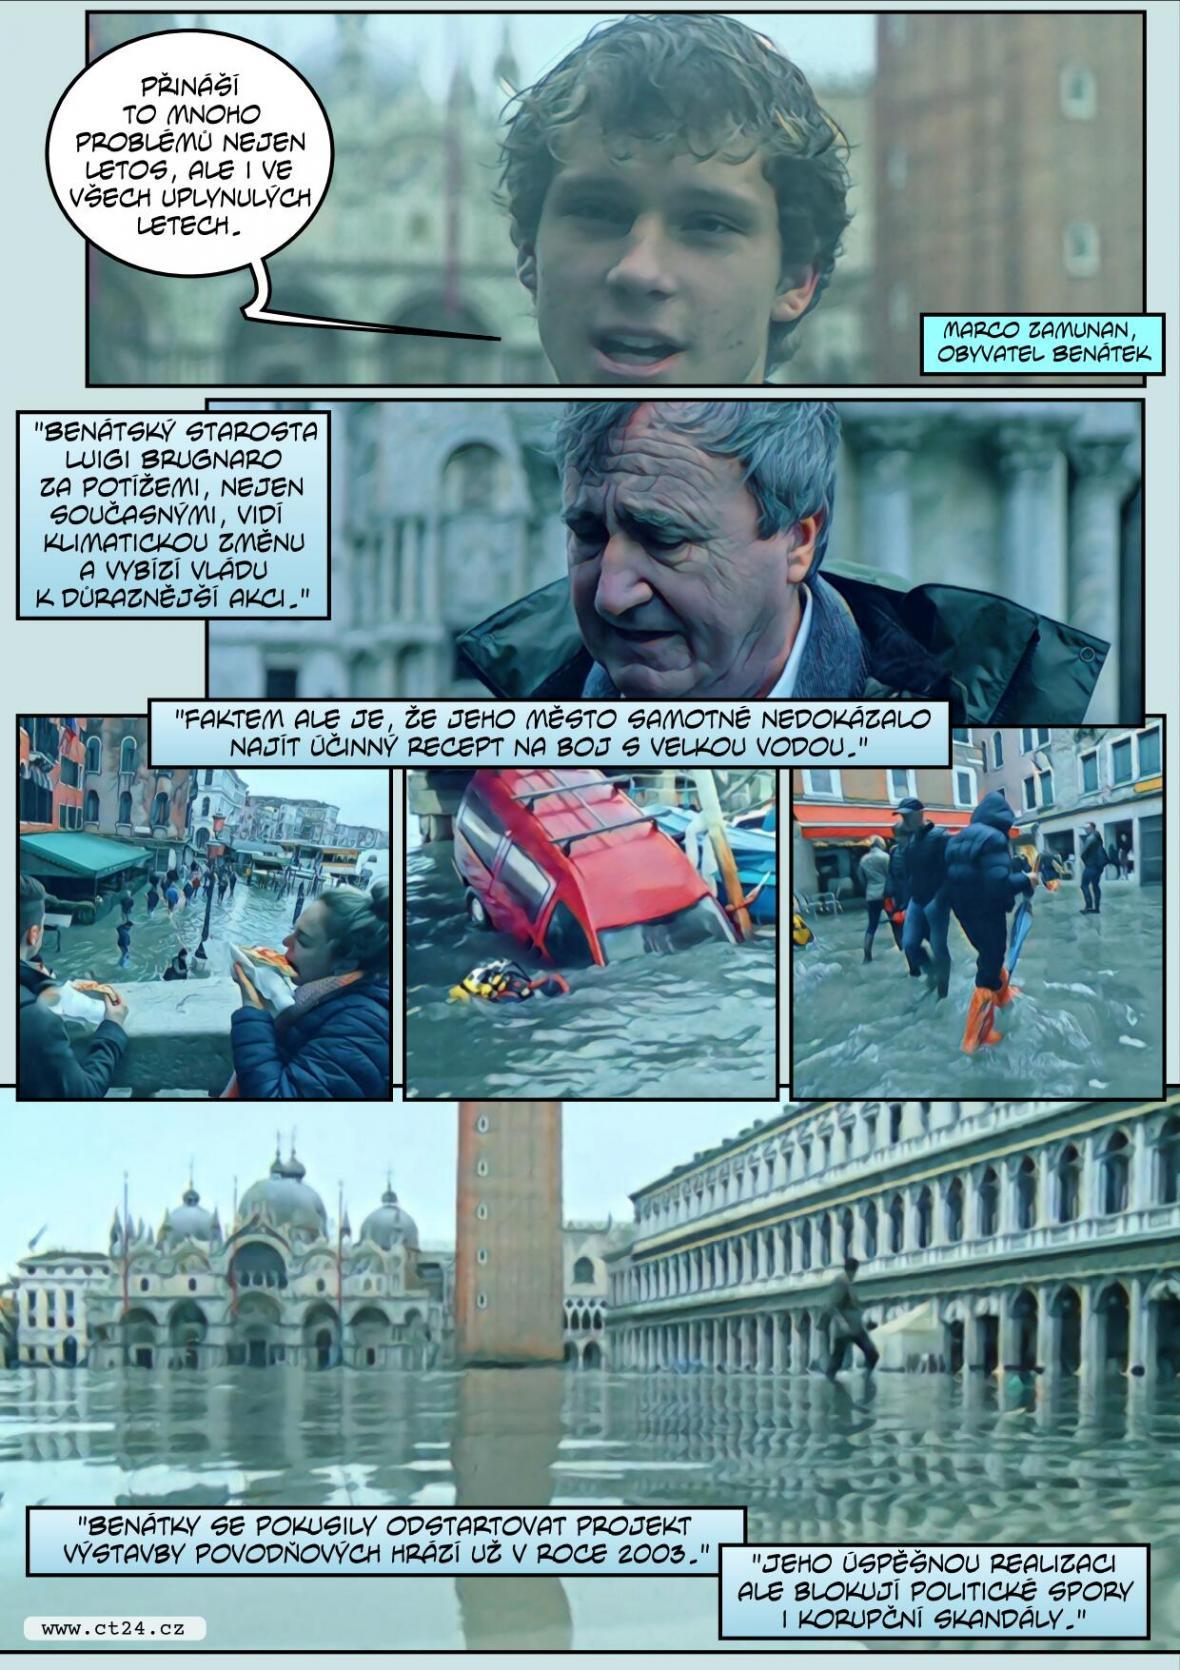 Obchody i památky pod vodou. Italská vláda vyhlásila v Benátkách stav nouze